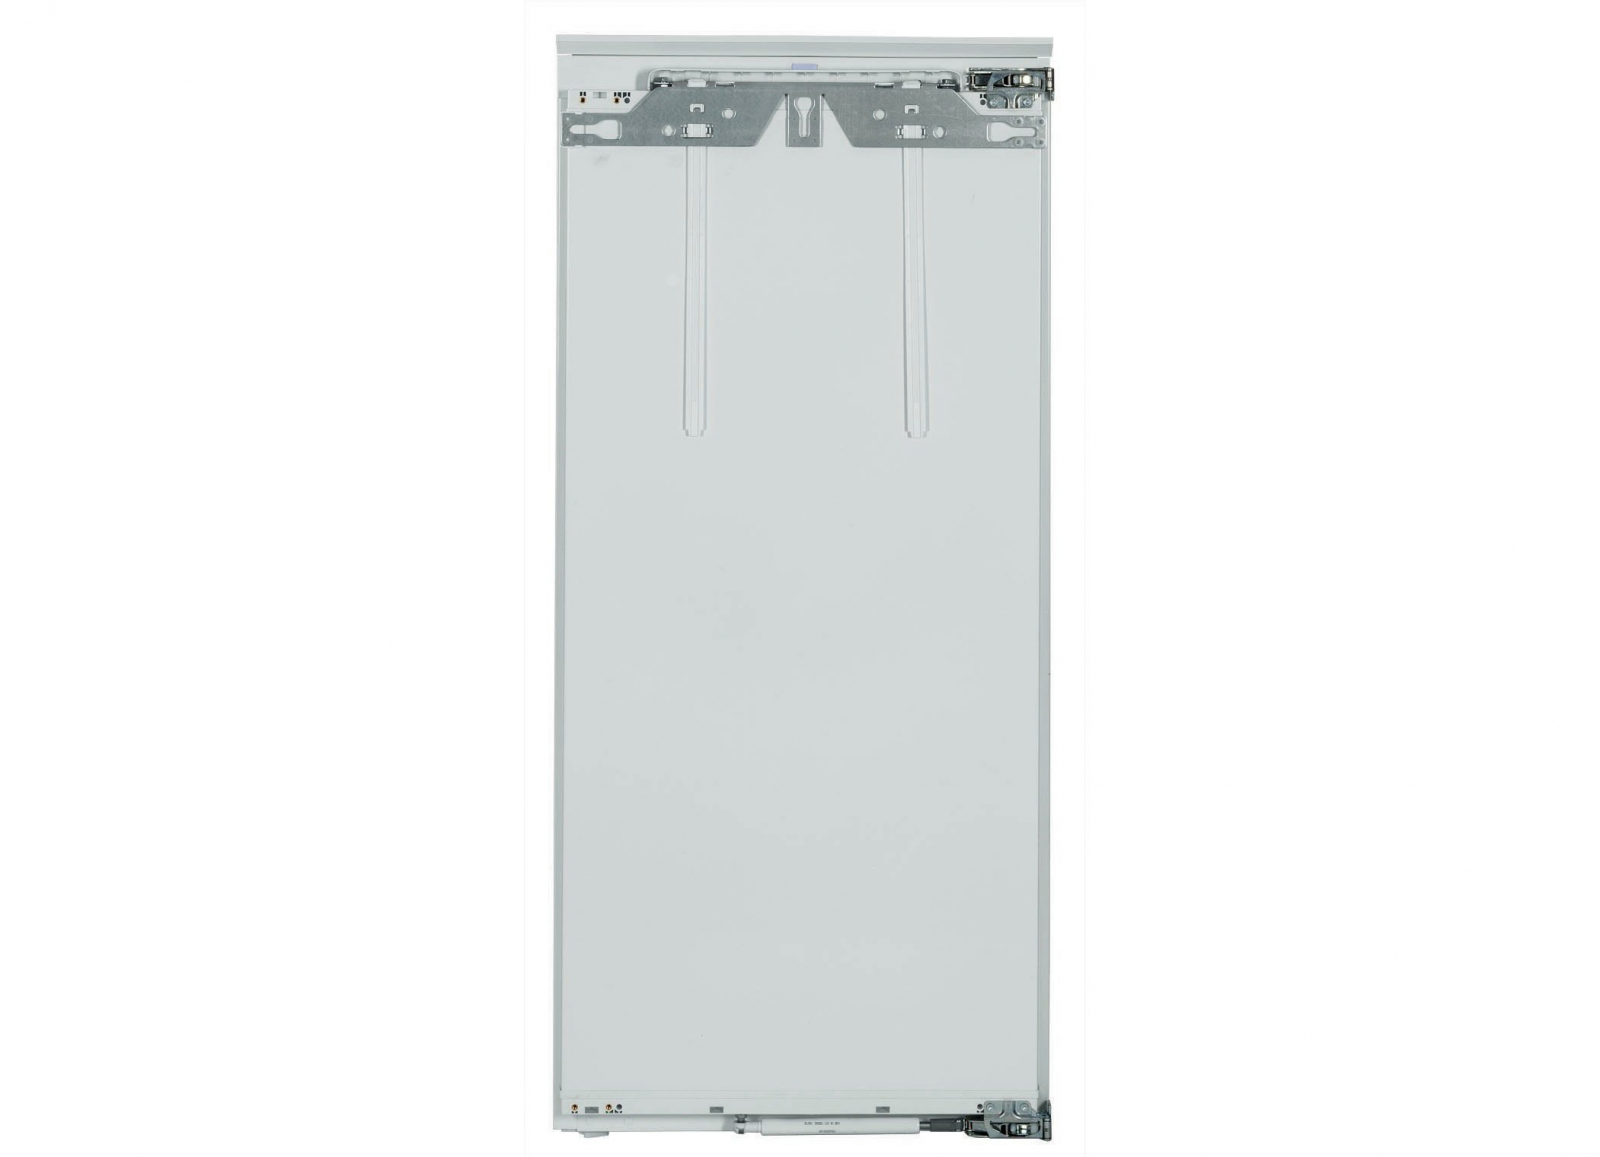 купить Встраиваемый однокамерный холодильник Liebherr IK 2364 Украина фото 1